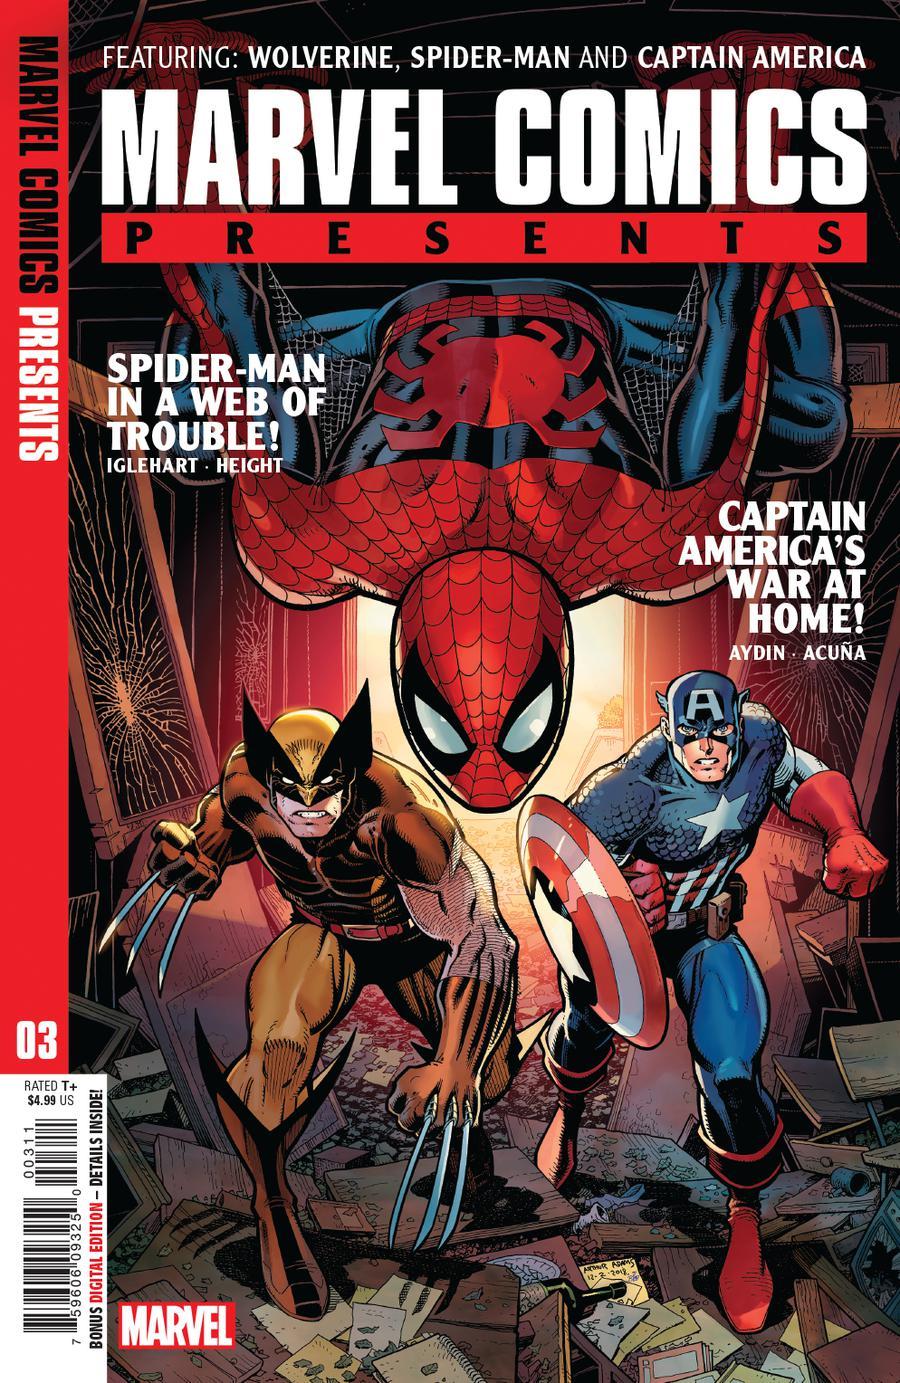 Marvel Comics Presents Vol 3 #3 Cover A Regular Arthur Adams Cover